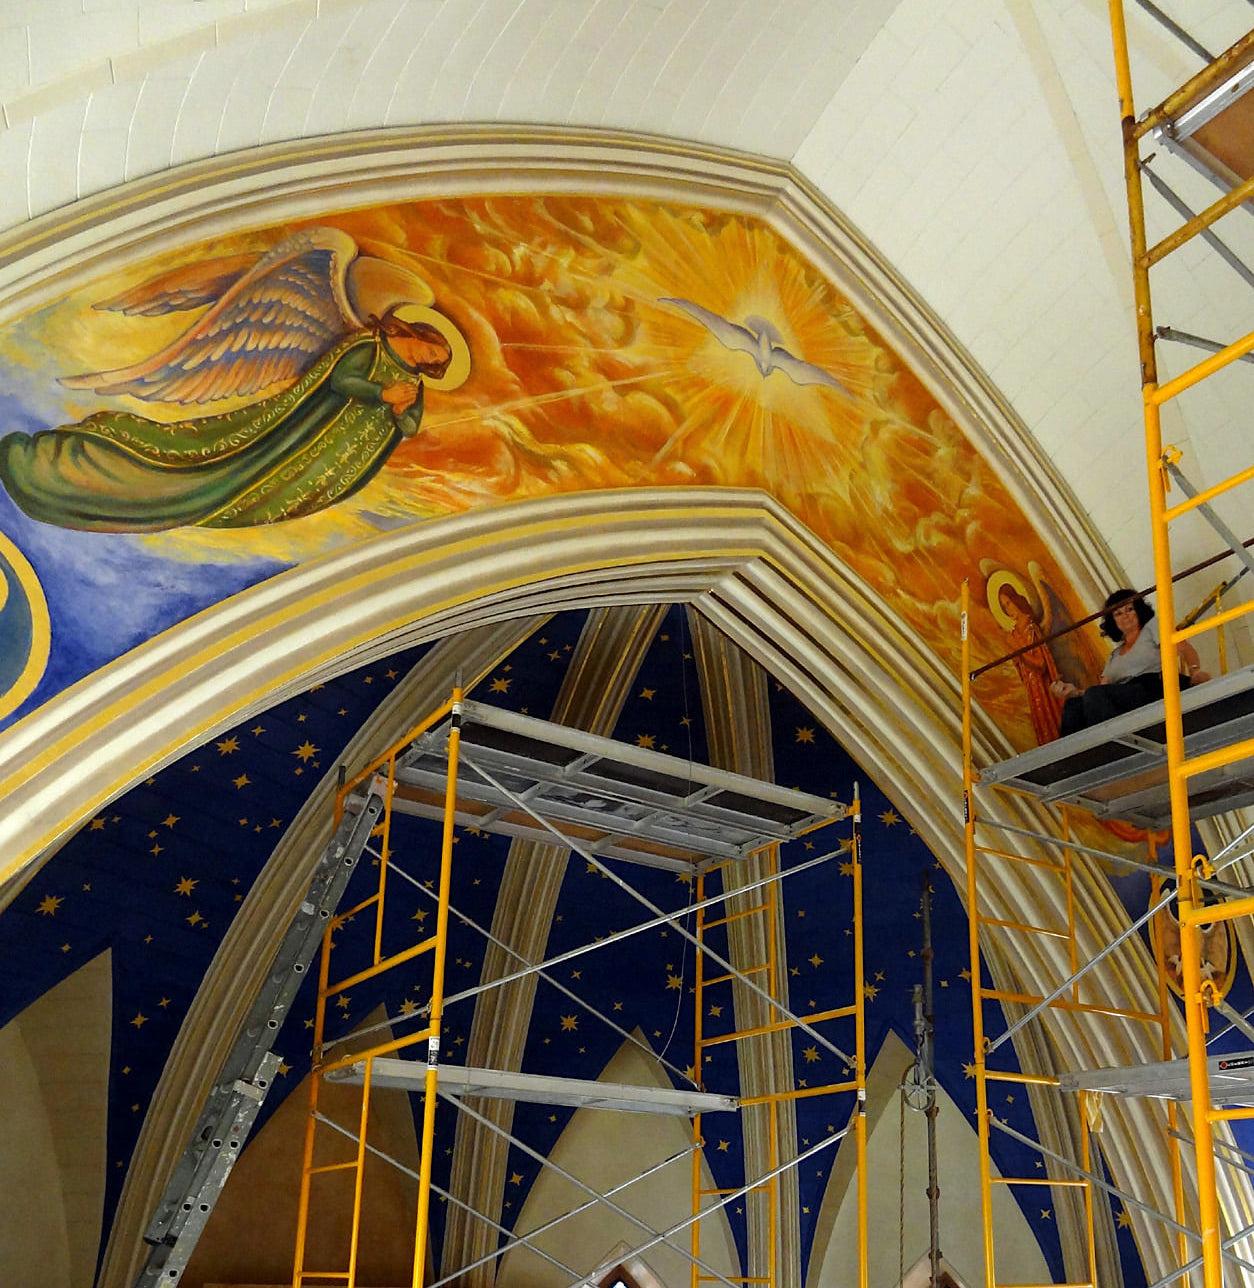 Lamb of God, Holy Spirit and Pelicanus apse mural